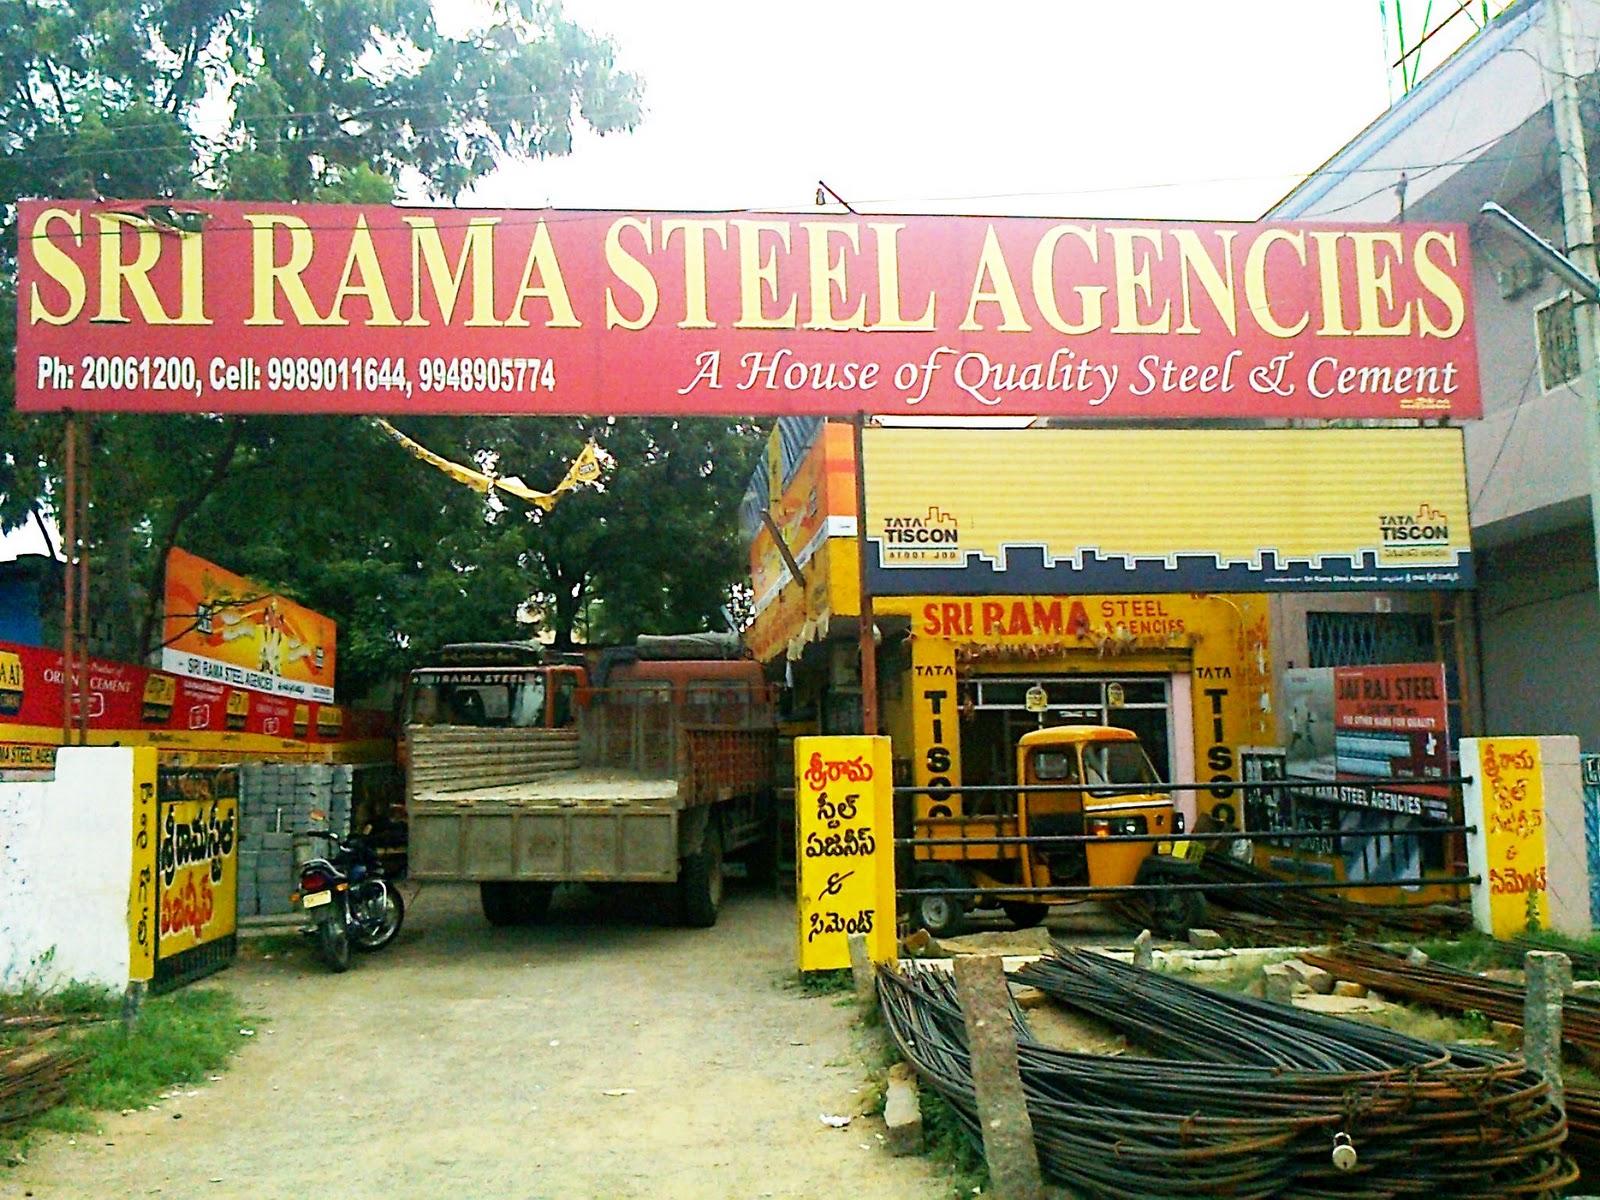 Shree Ultra Cement : Sri rama steel agencies